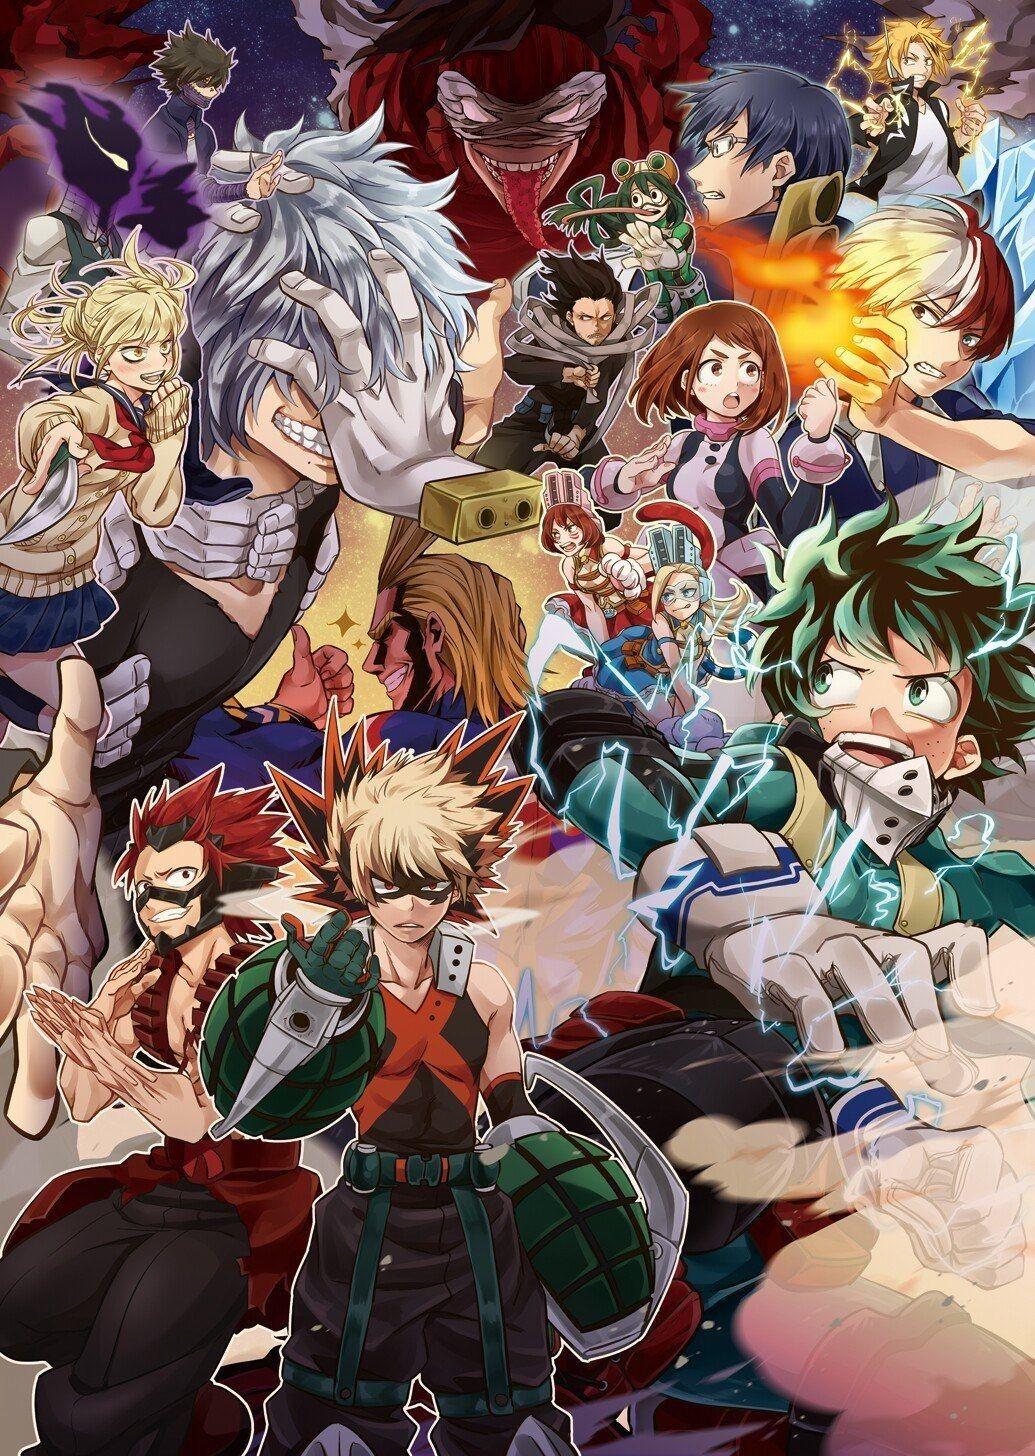 Anime Fans For Anime Fans My hero, Hero wallpaper, Anime